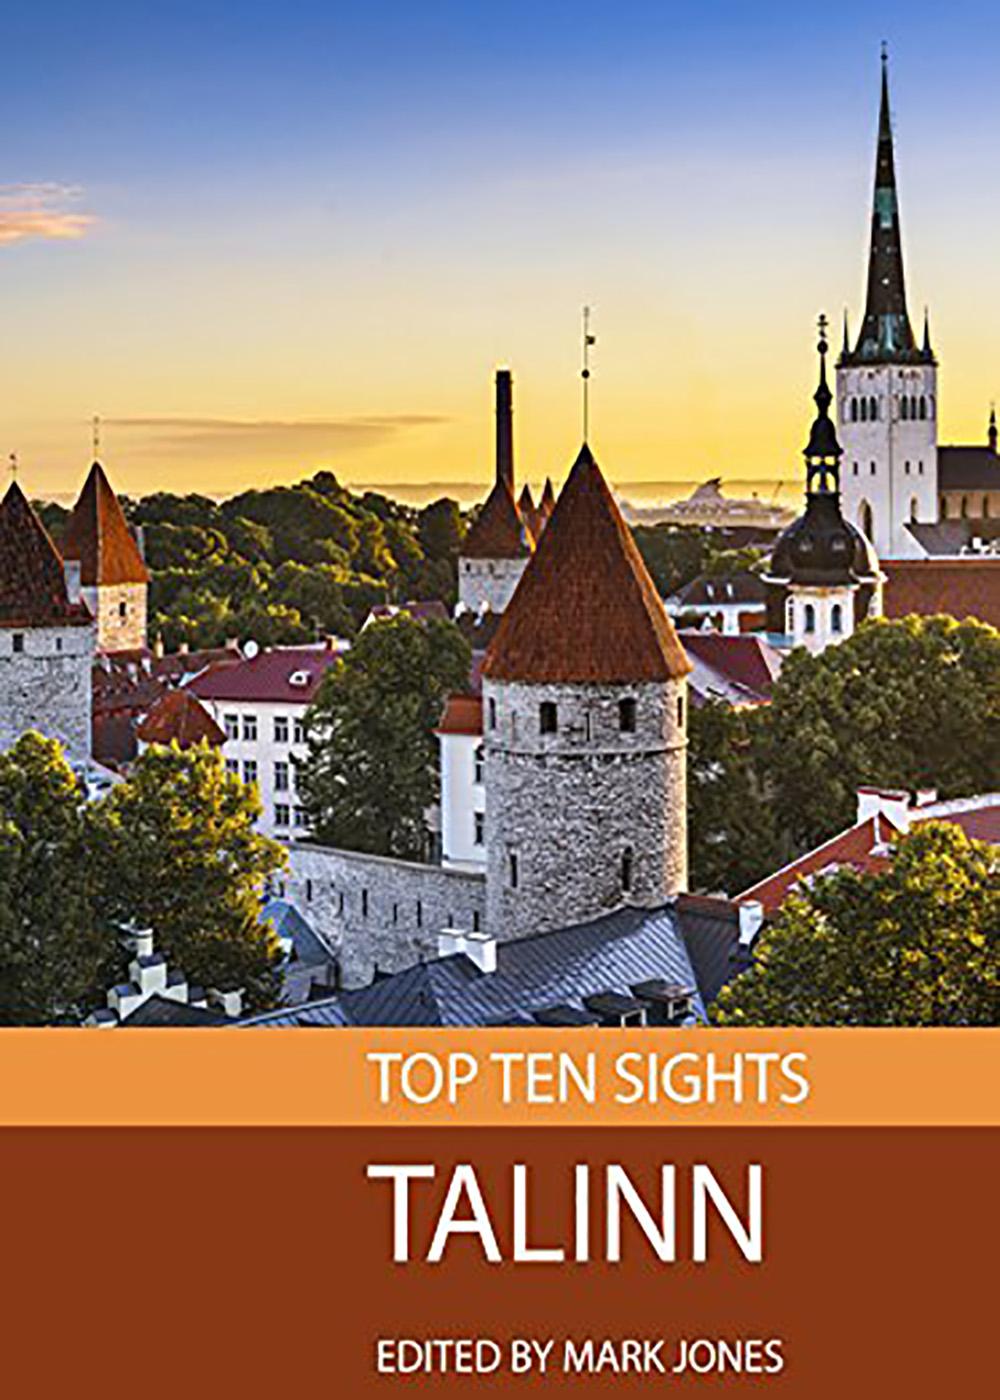 Mark Jones - Top Ten Sights: Tallinn